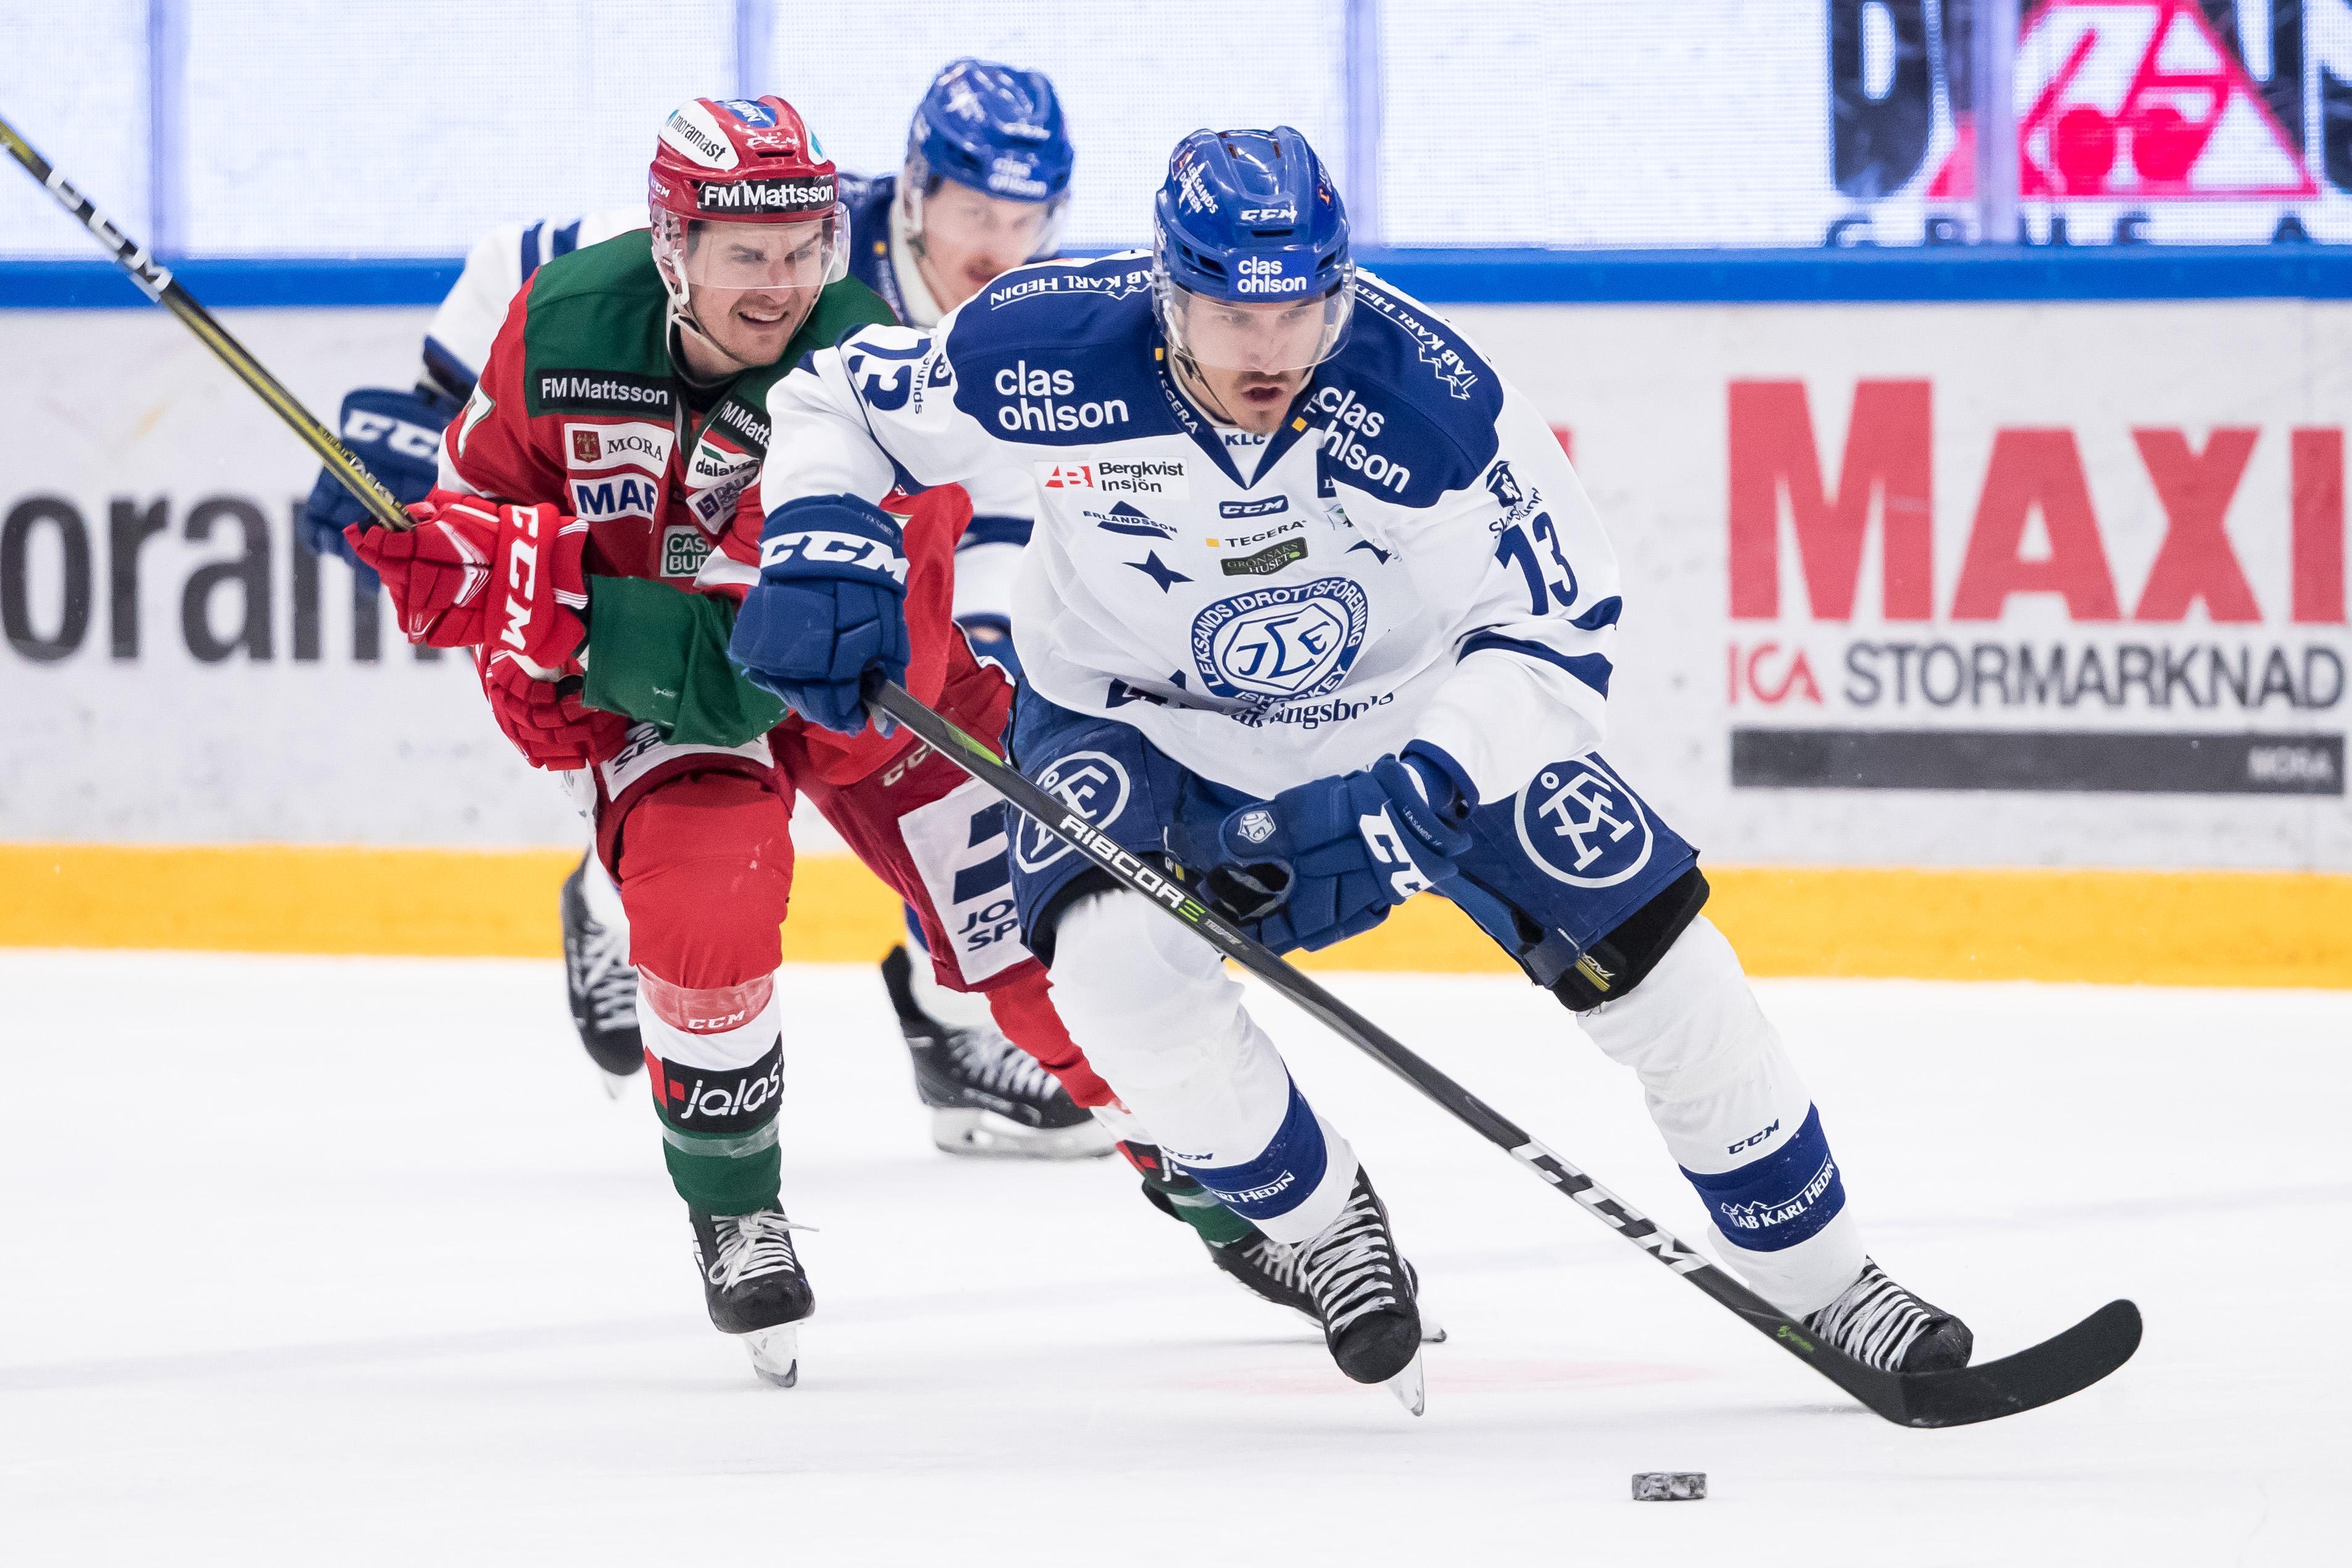 Jon Knuts före Matt Bailey i förra årets SHL-kval mot Mora. Foto: Daniel Eriksson/Bildbyrån.